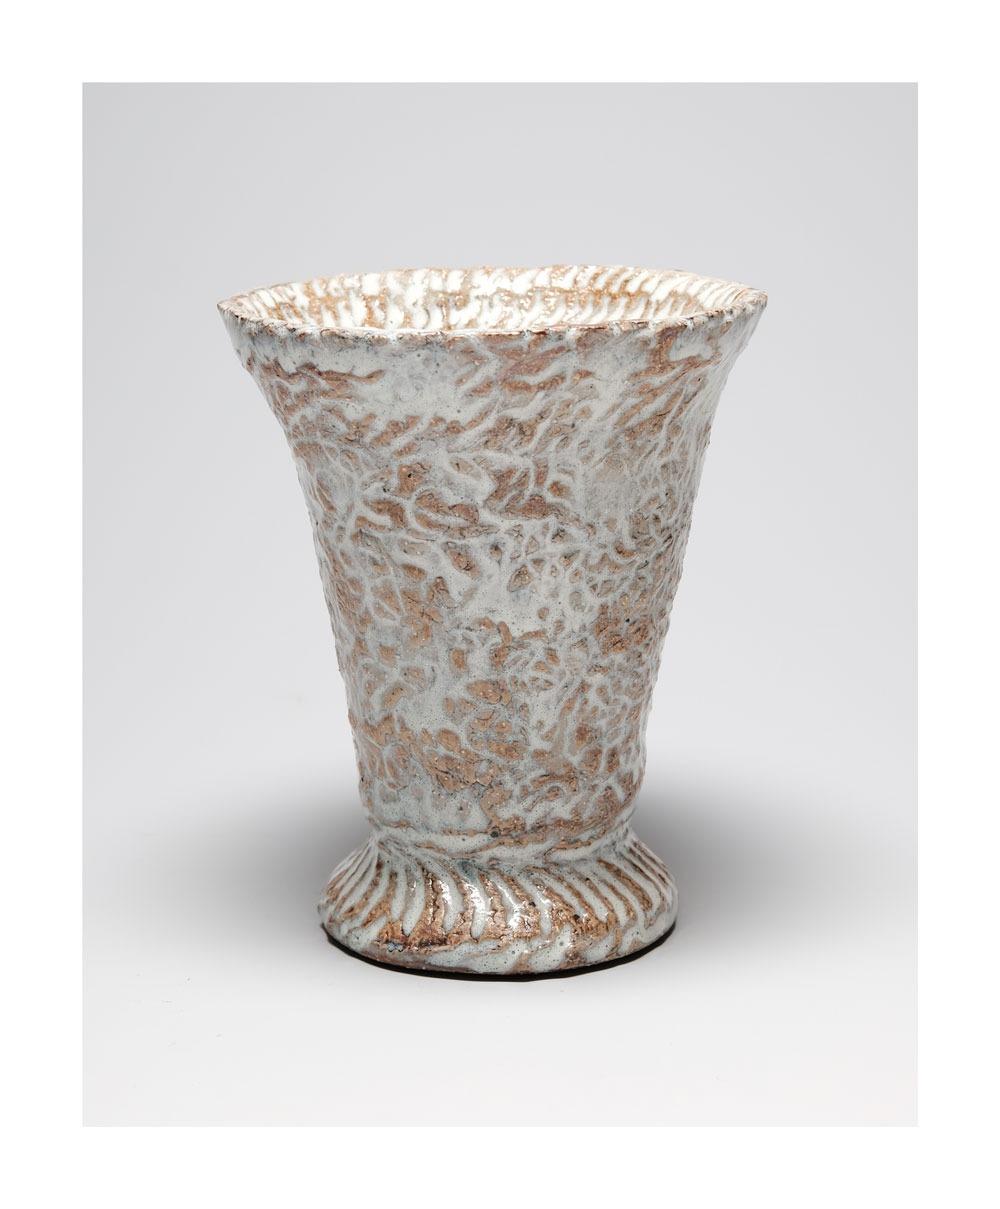 ceramics small format